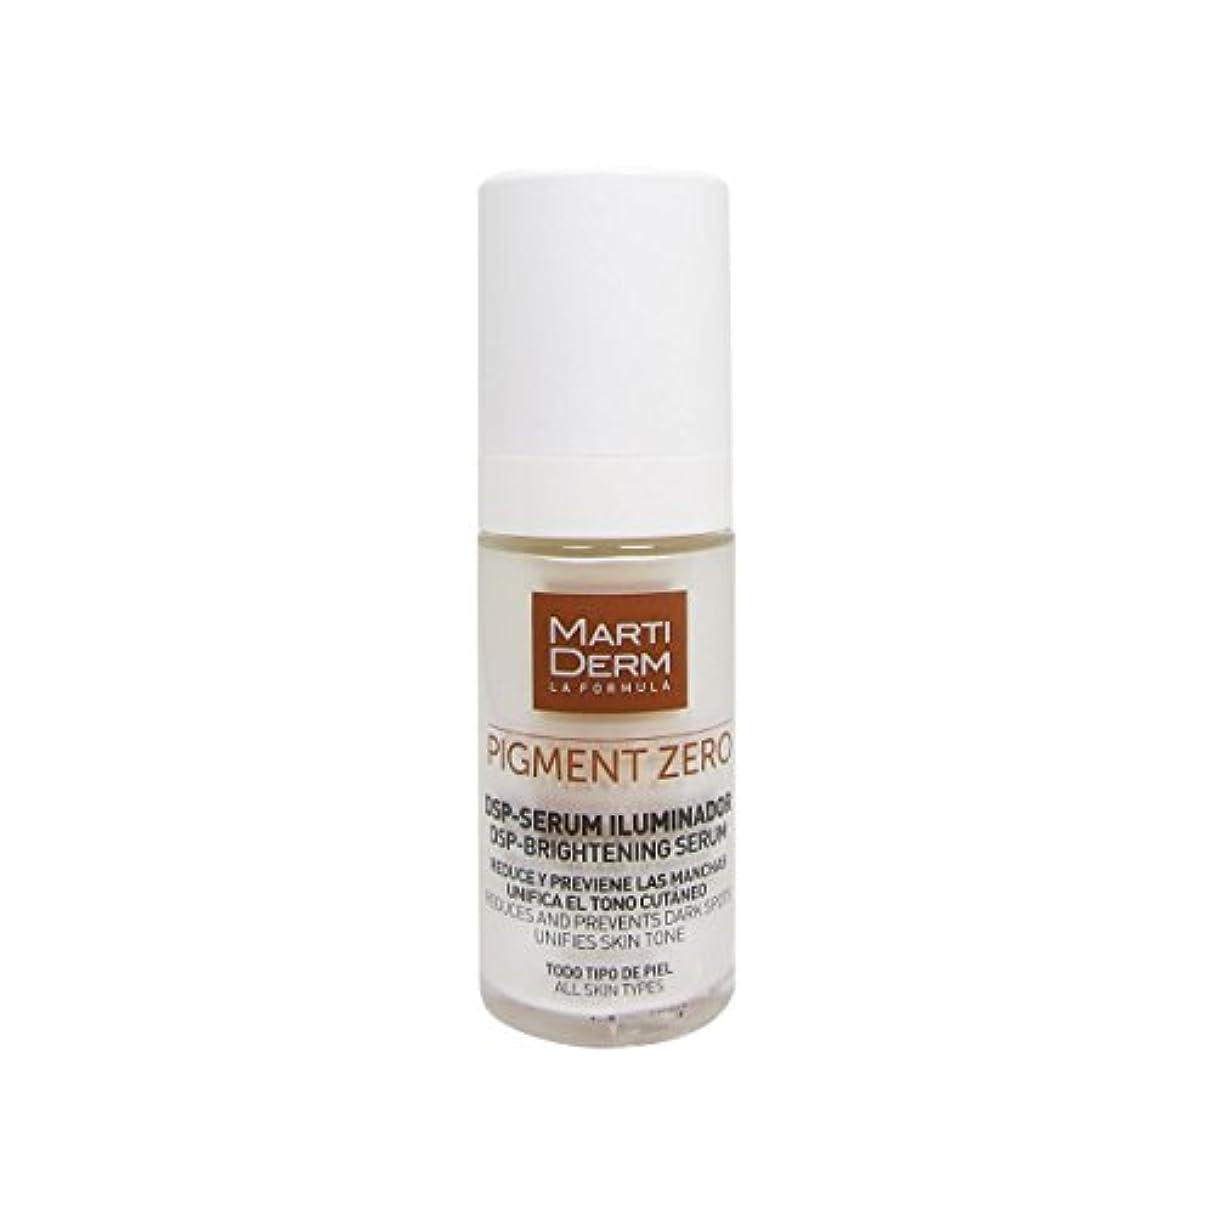 ギャンブル噂出版Martiderm Pigment Zero Dsp-brightening Serum 30ml [並行輸入品]